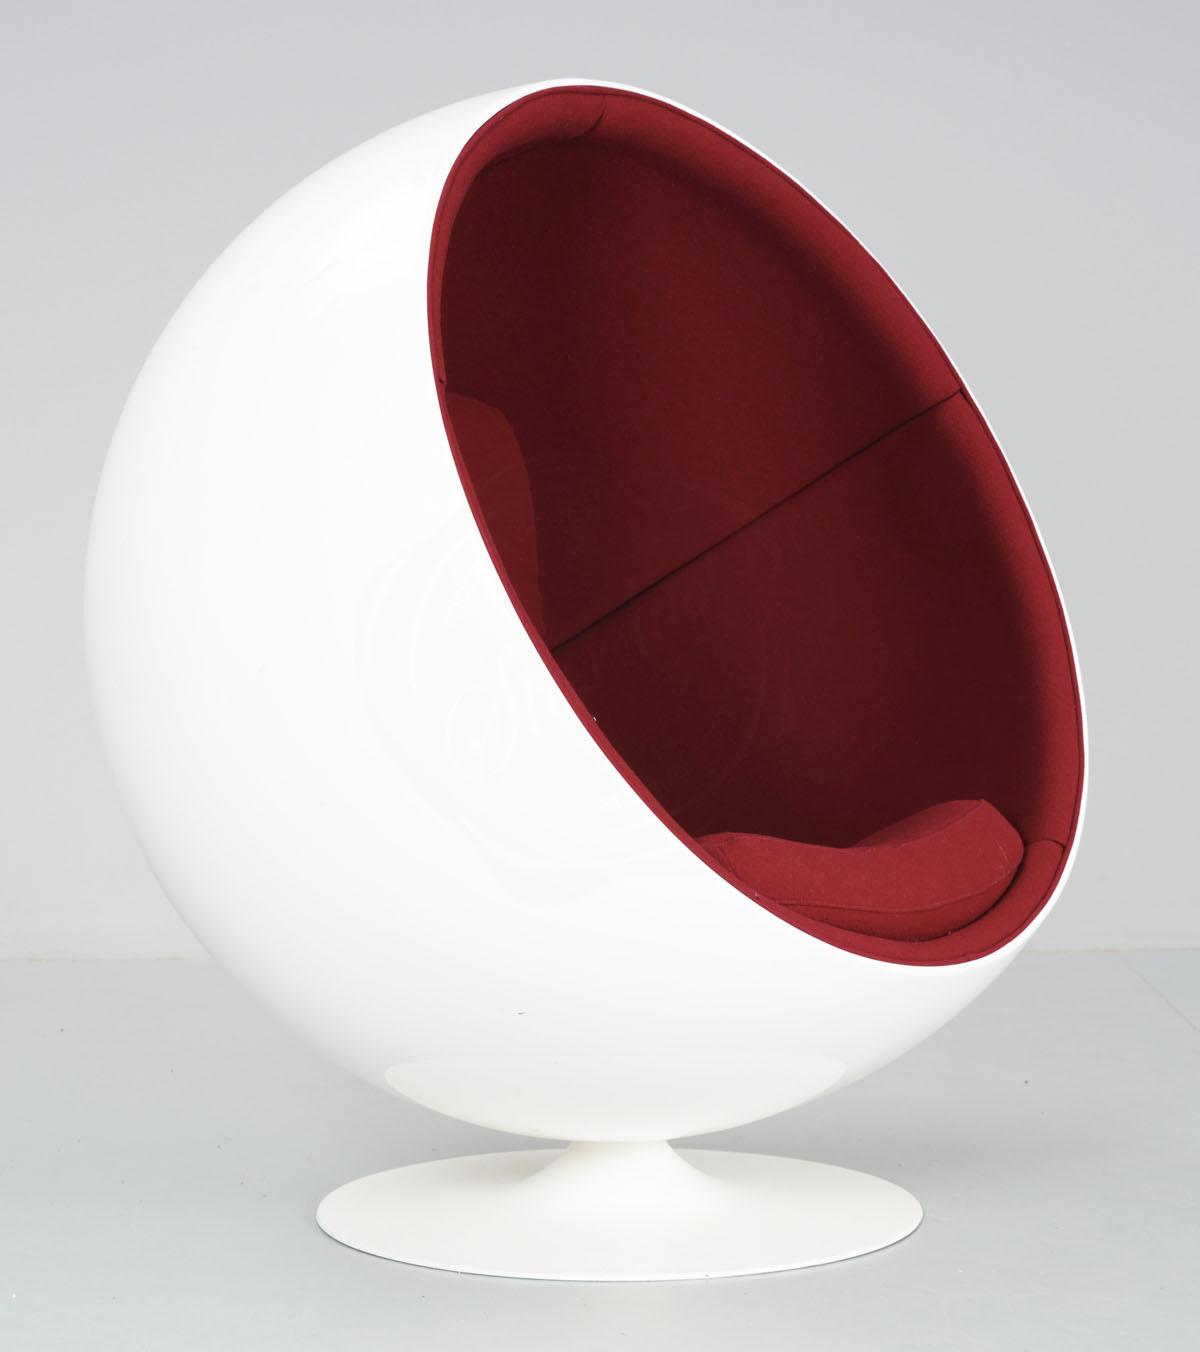 eero aarnio ball chair eero aarnio ball chair 3d model. Black Bedroom Furniture Sets. Home Design Ideas